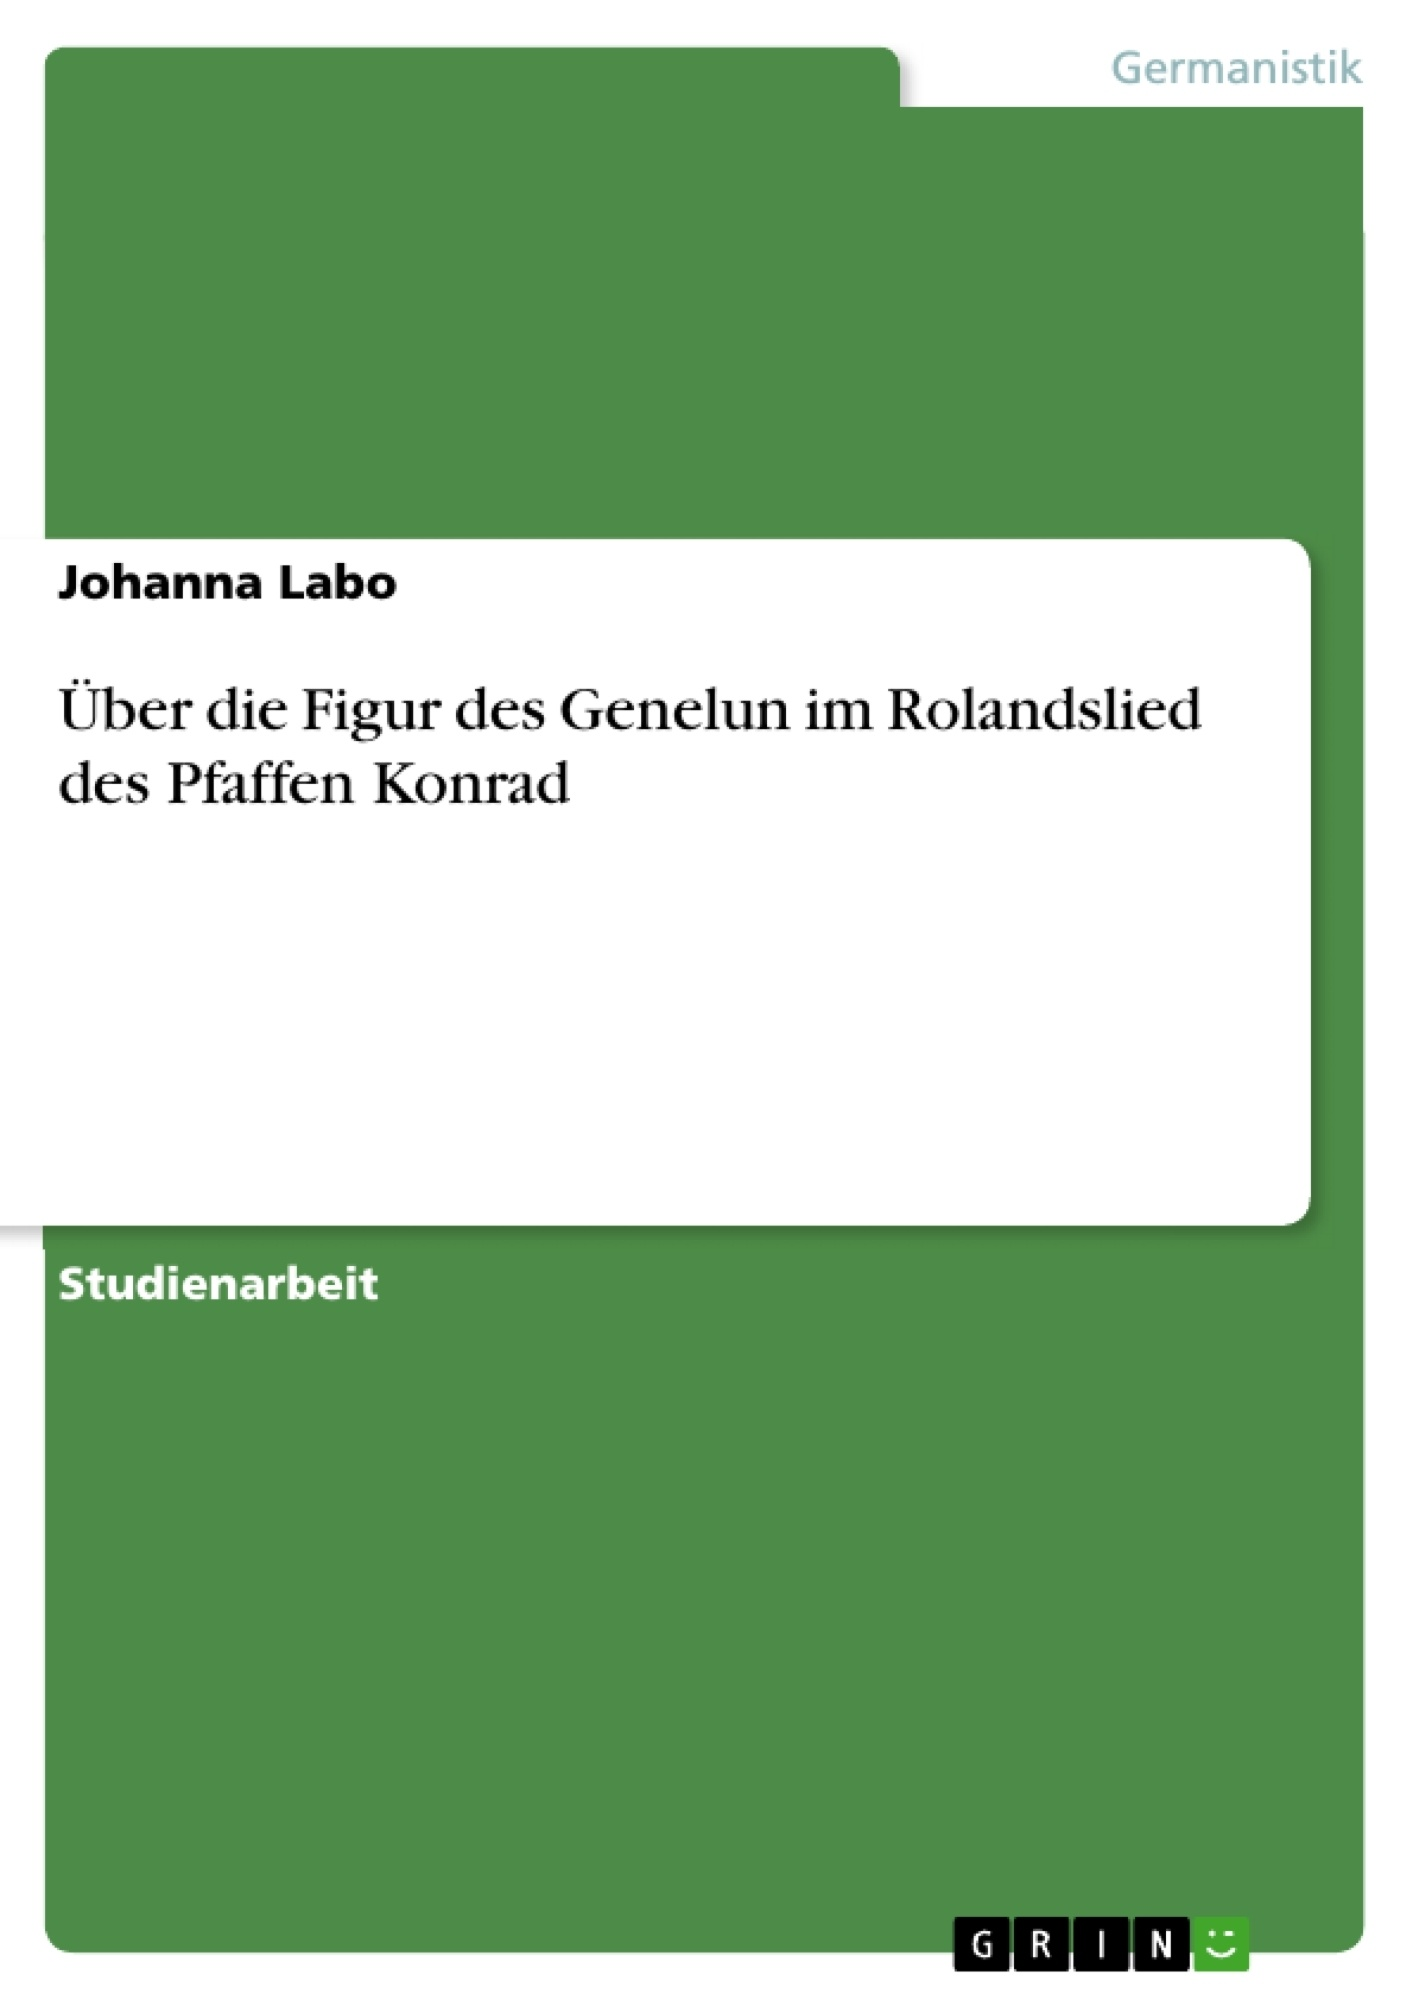 Titel: Über die Figur des Genelun im Rolandslied des Pfaffen Konrad